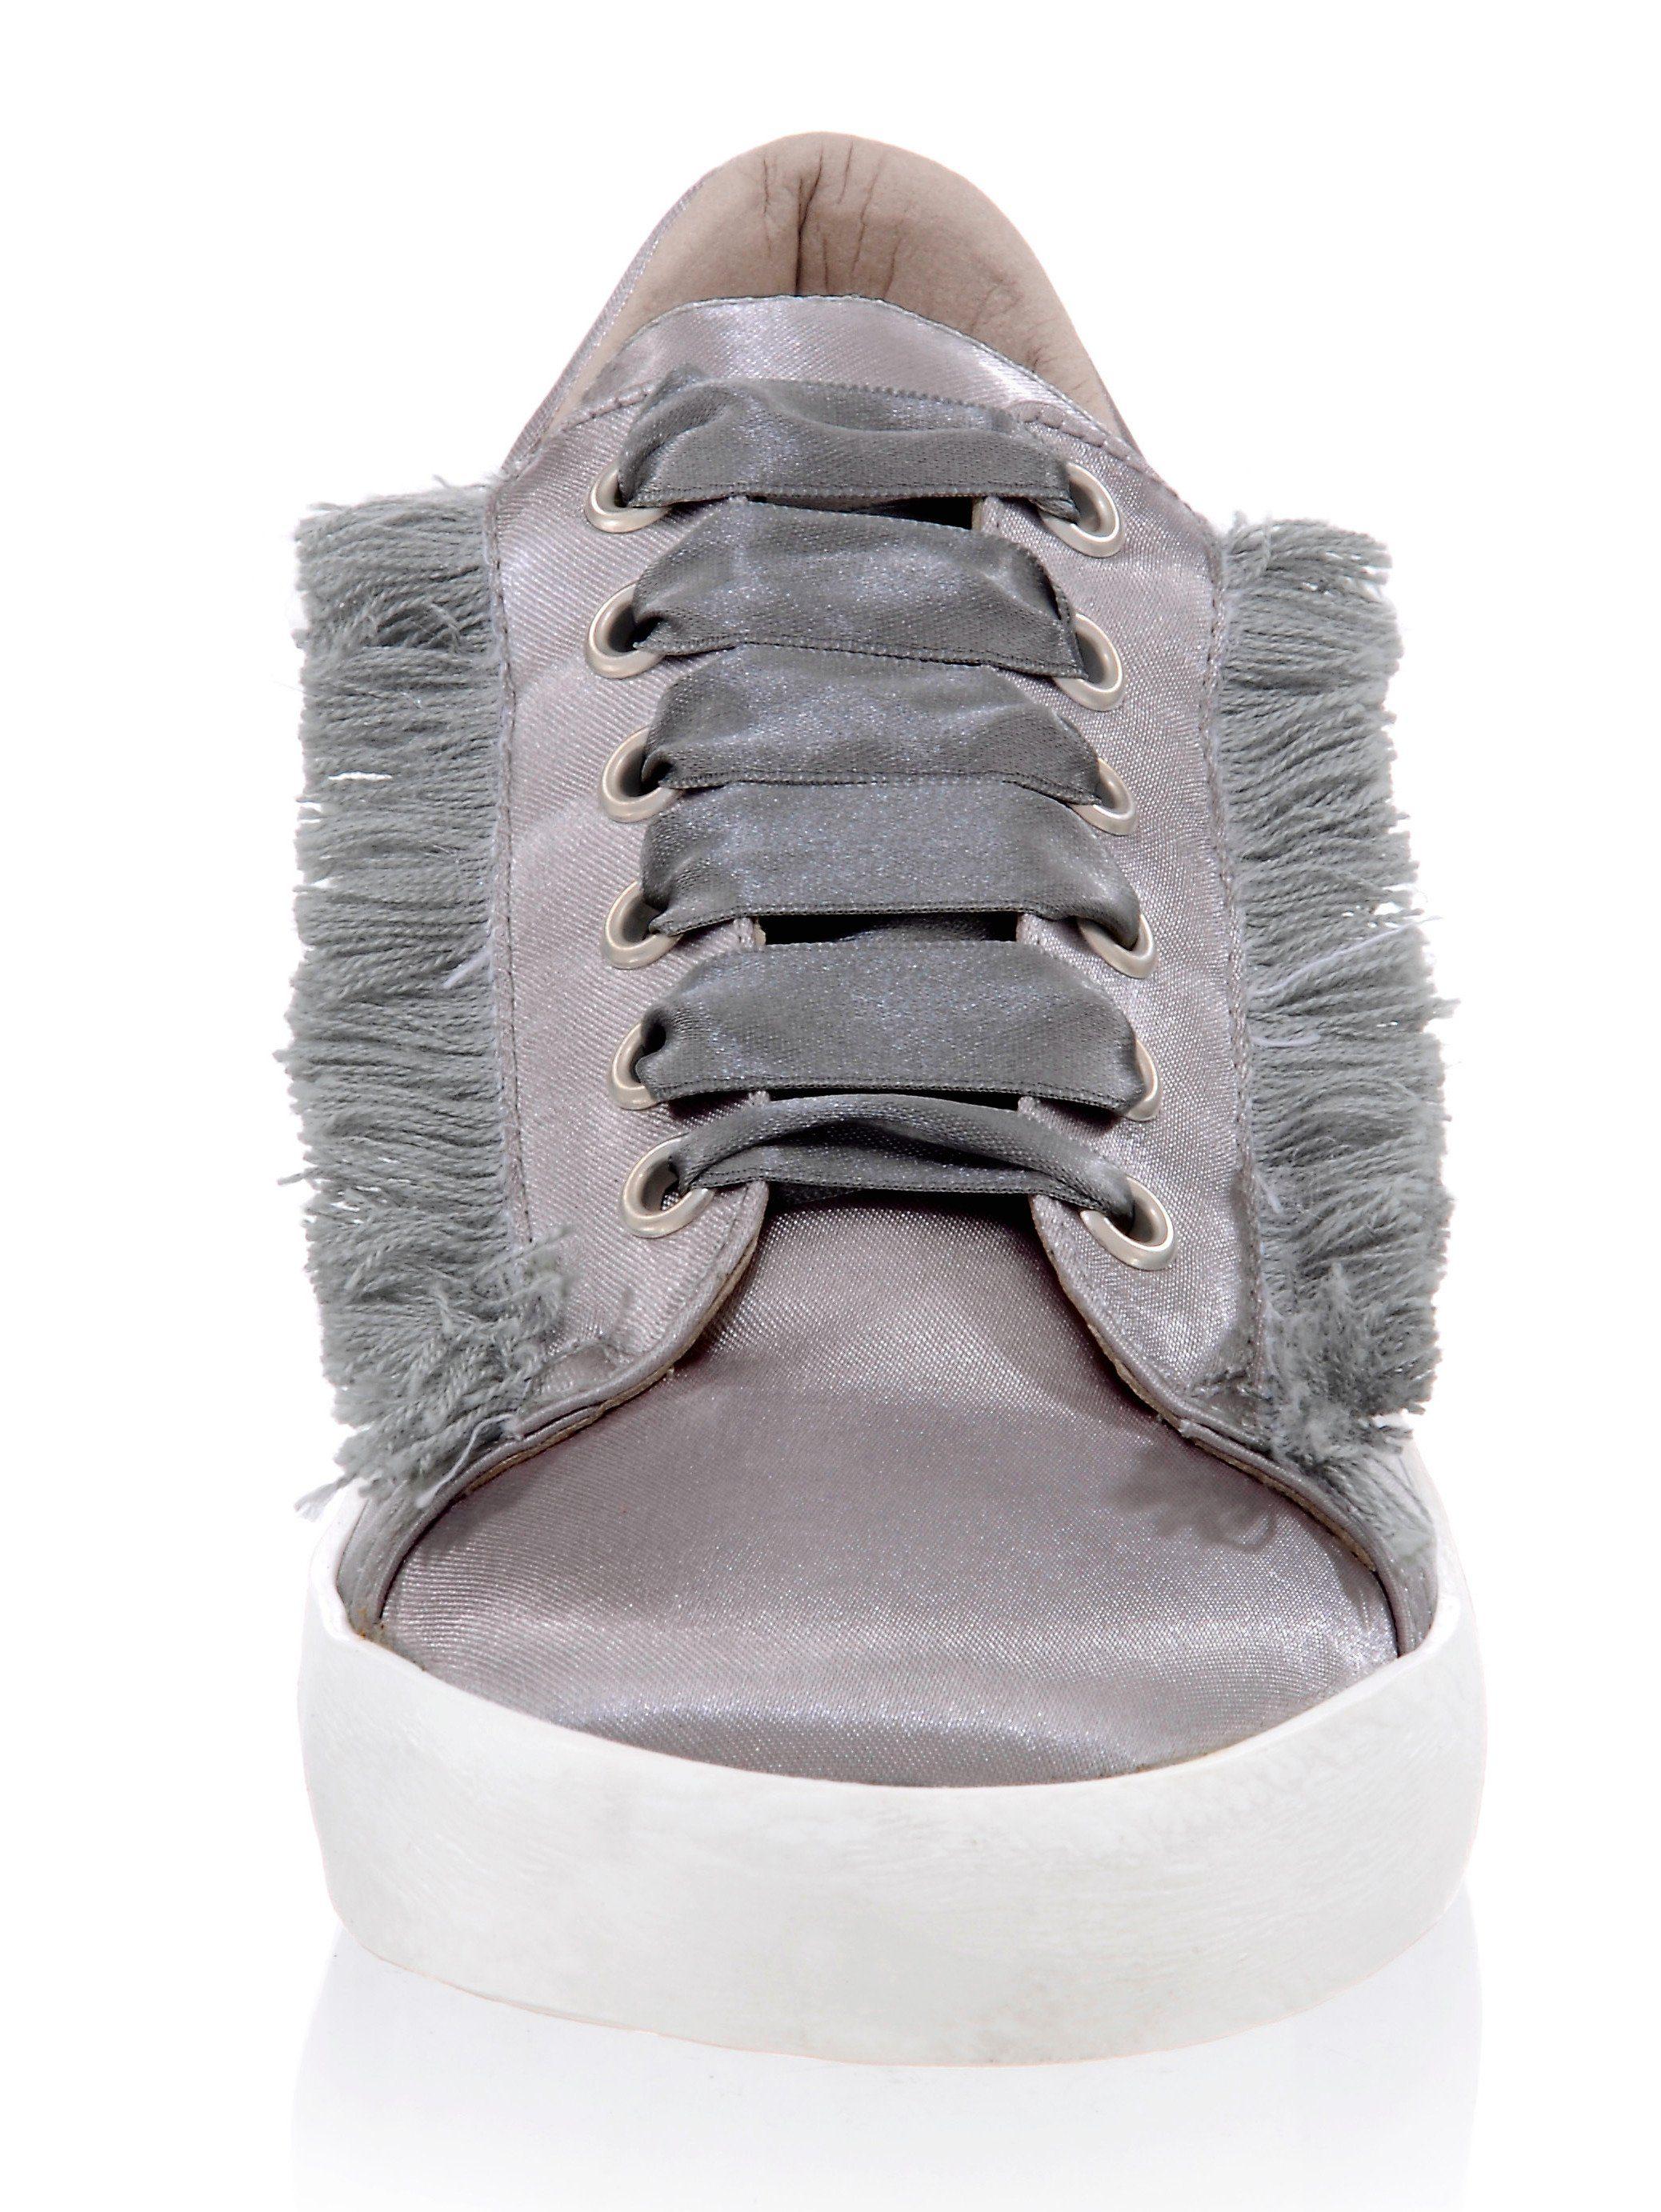 Alba Moda Sneaker mit liebevollen Details kaufen   OTTO